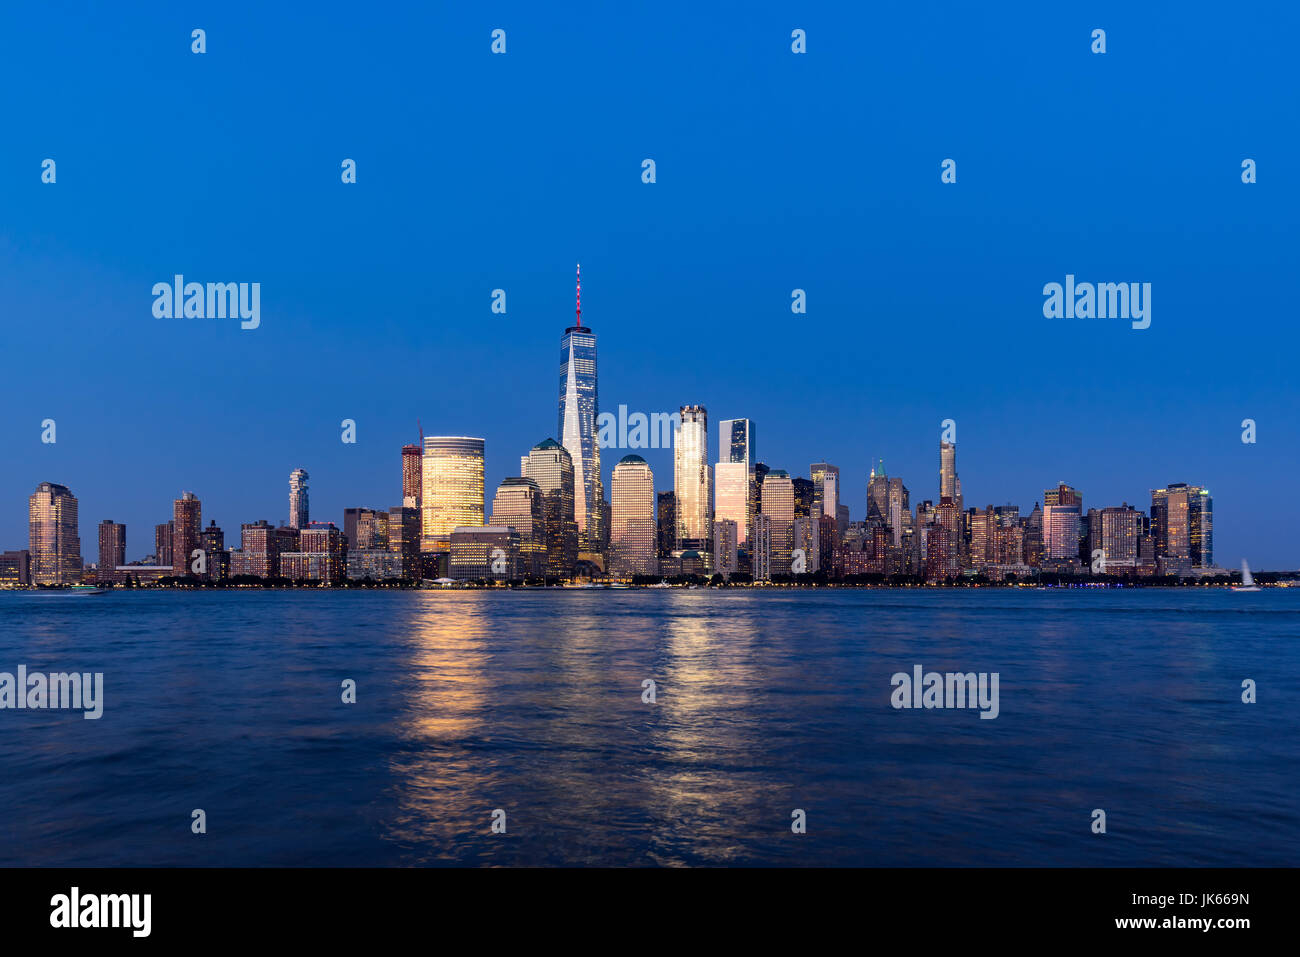 El distrito financiero de la ciudad de Nueva York rascacielos y el Río Hudson al anochecer. Lower Manhattan Imagen De Stock